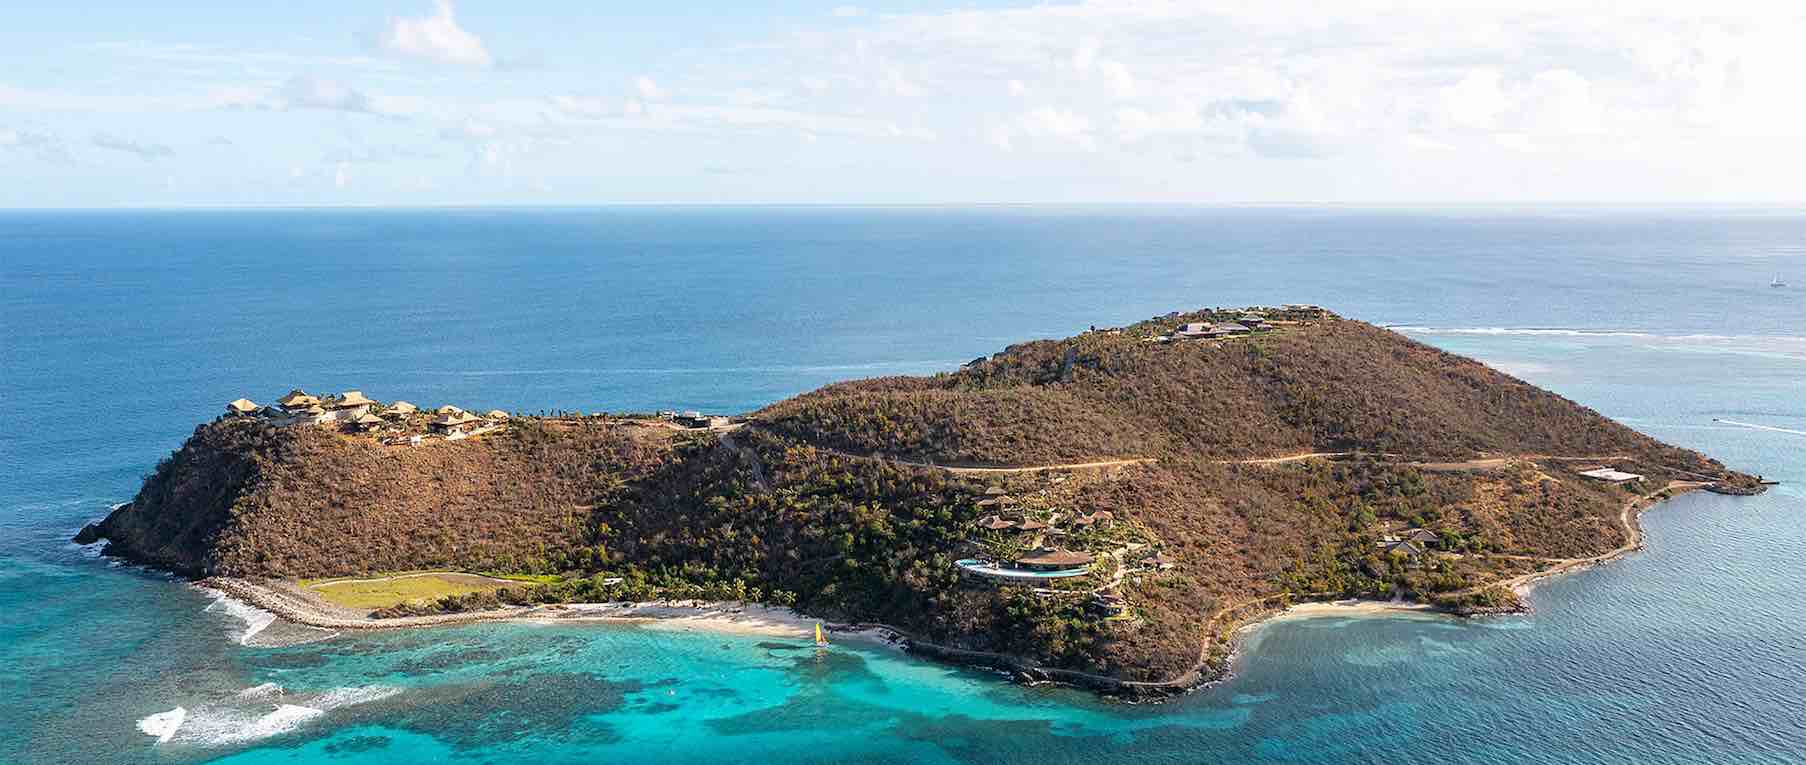 La esperada y flamante Moskito Island Estate de Richard Branson hace su debut